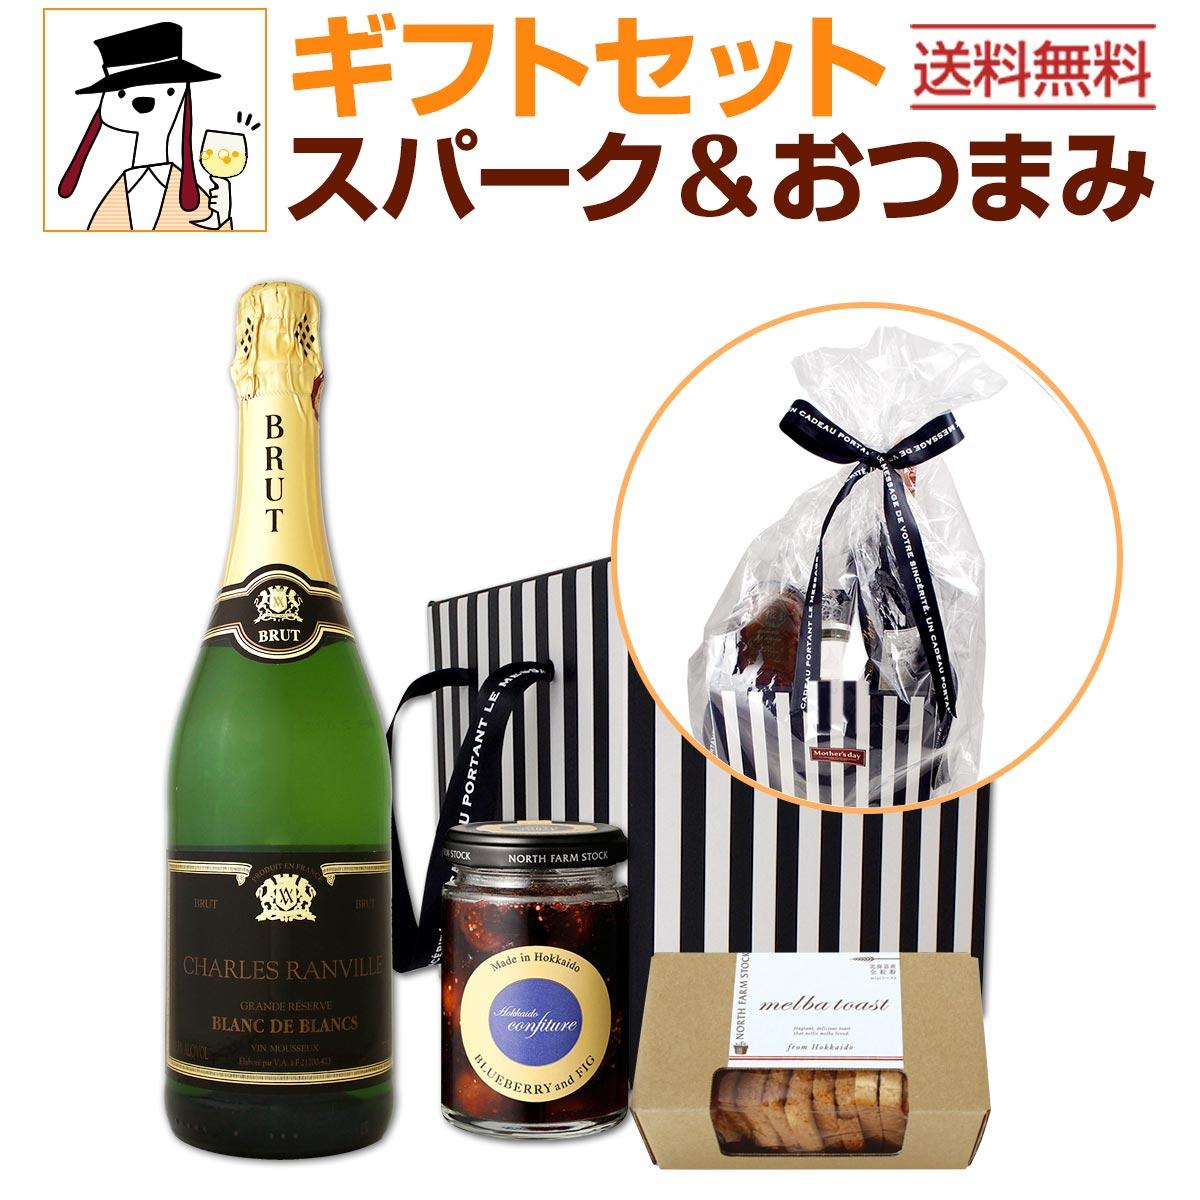 【送料無料】大人のクリスマスギフト スパークリングワインセット